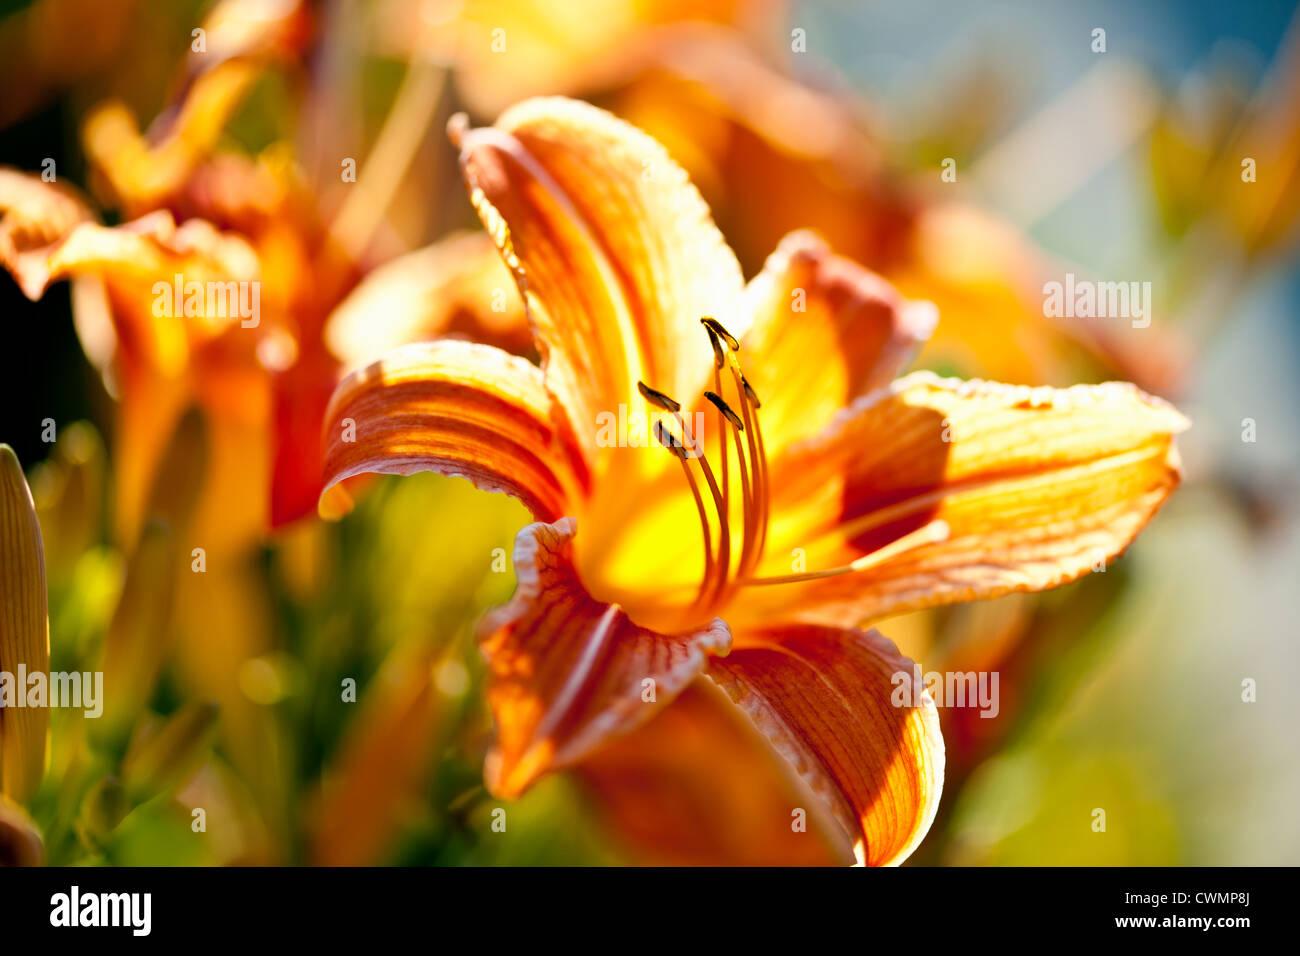 Bella naranja TIGER LILY flores están floreciendo en el jardín Imagen De Stock